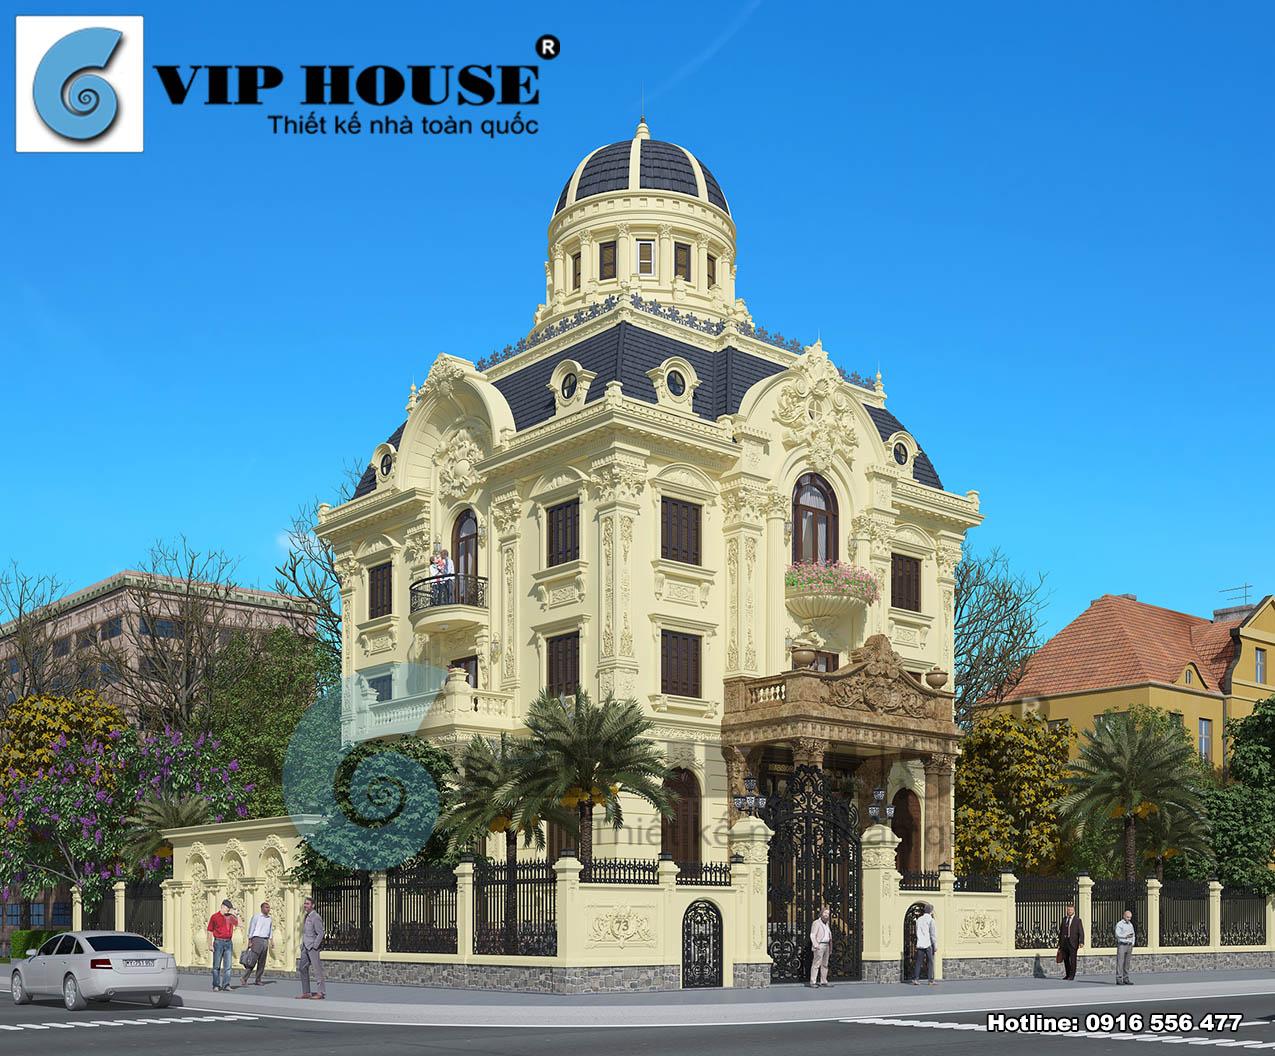 Nét đẹp của biệt thự kiểu Pháp 3 tầng 1 tum tại Ninh Bình